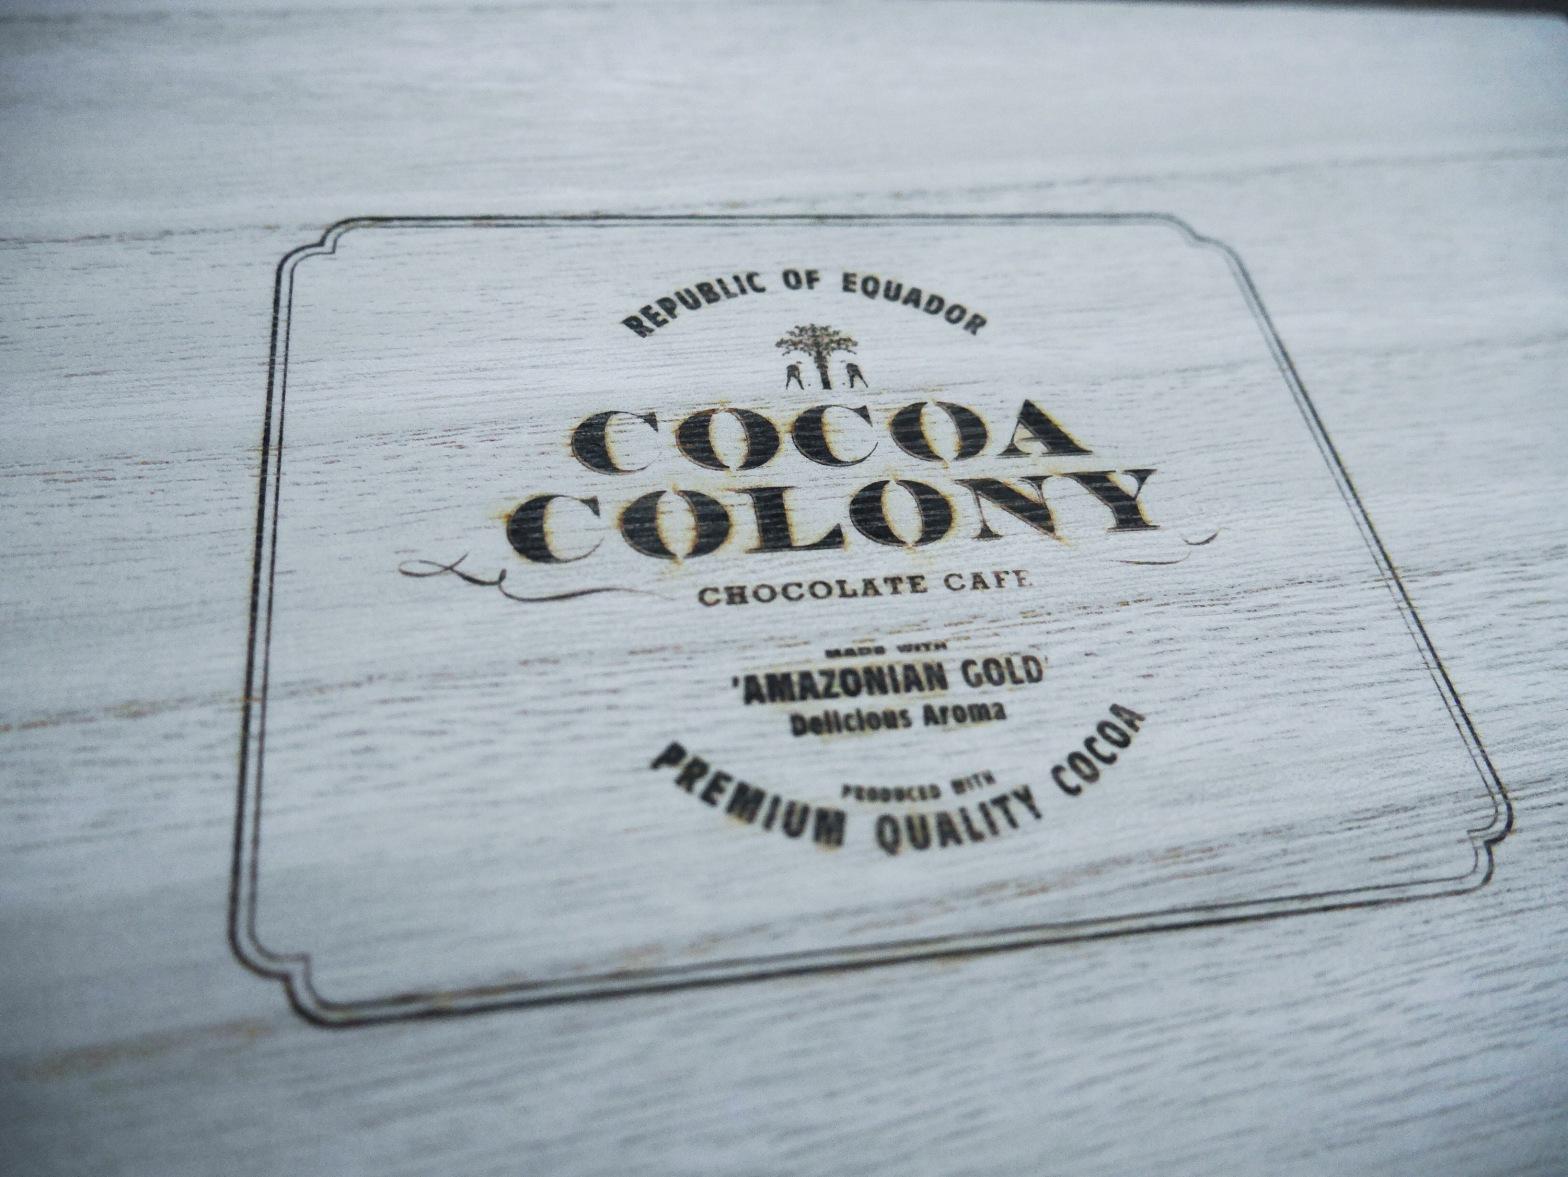 Cocoa Colony Singapore - Viktoria Jean